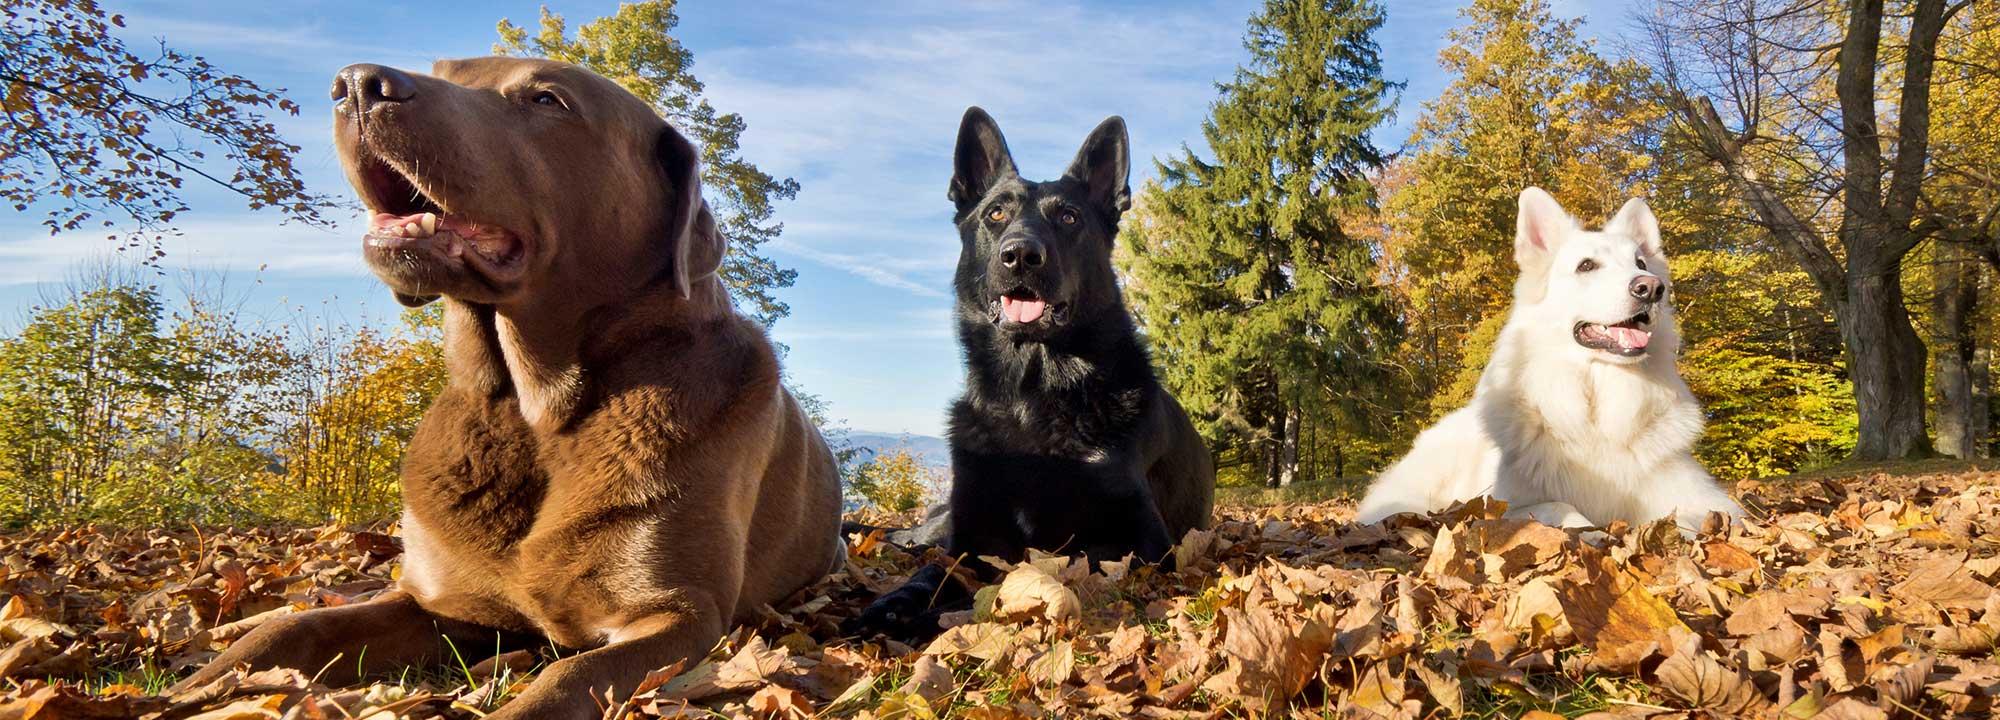 Ein brauner Labrador, ein schwarzer Schäferhund und ein weißer Schäferhund im Wald